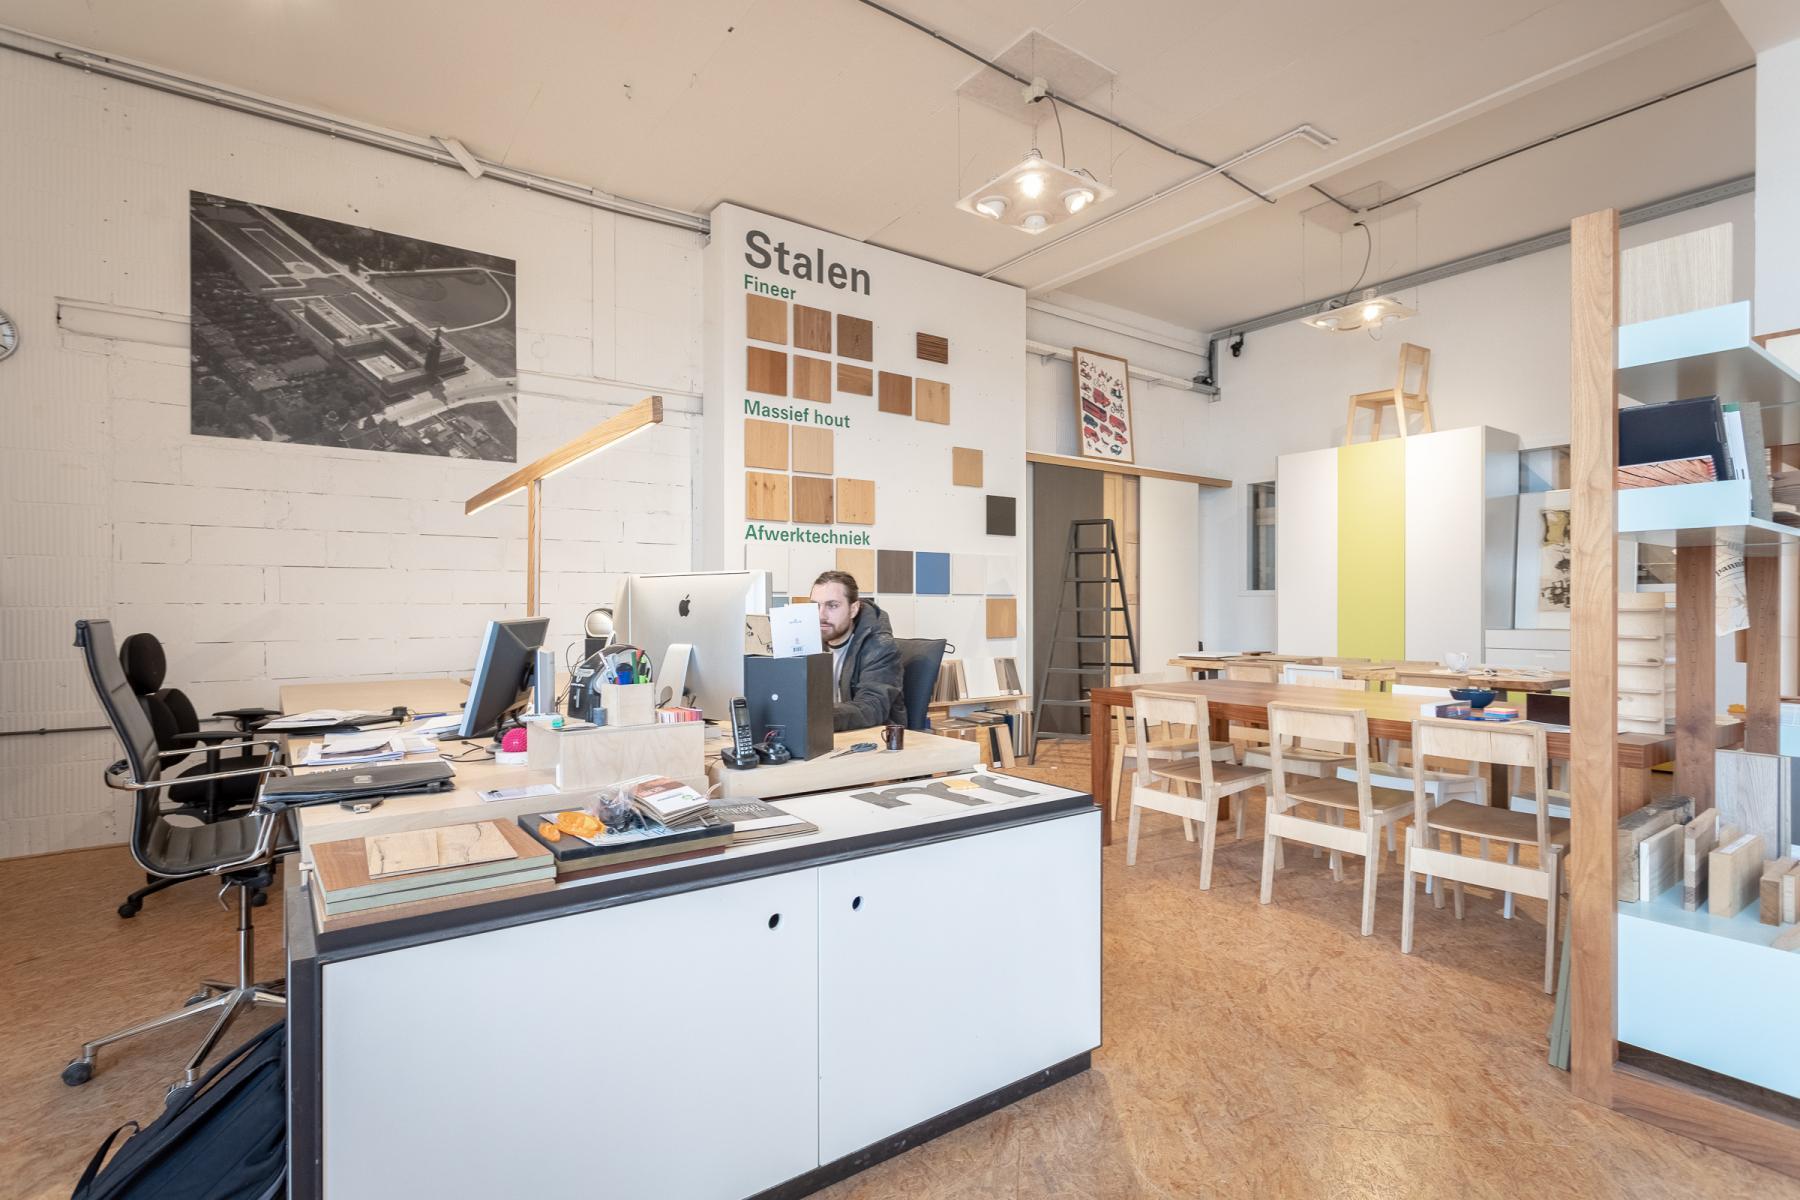 Rotterdam airport flexplekken werkplekken meubelmakerij industrieterrein gratis parkeren